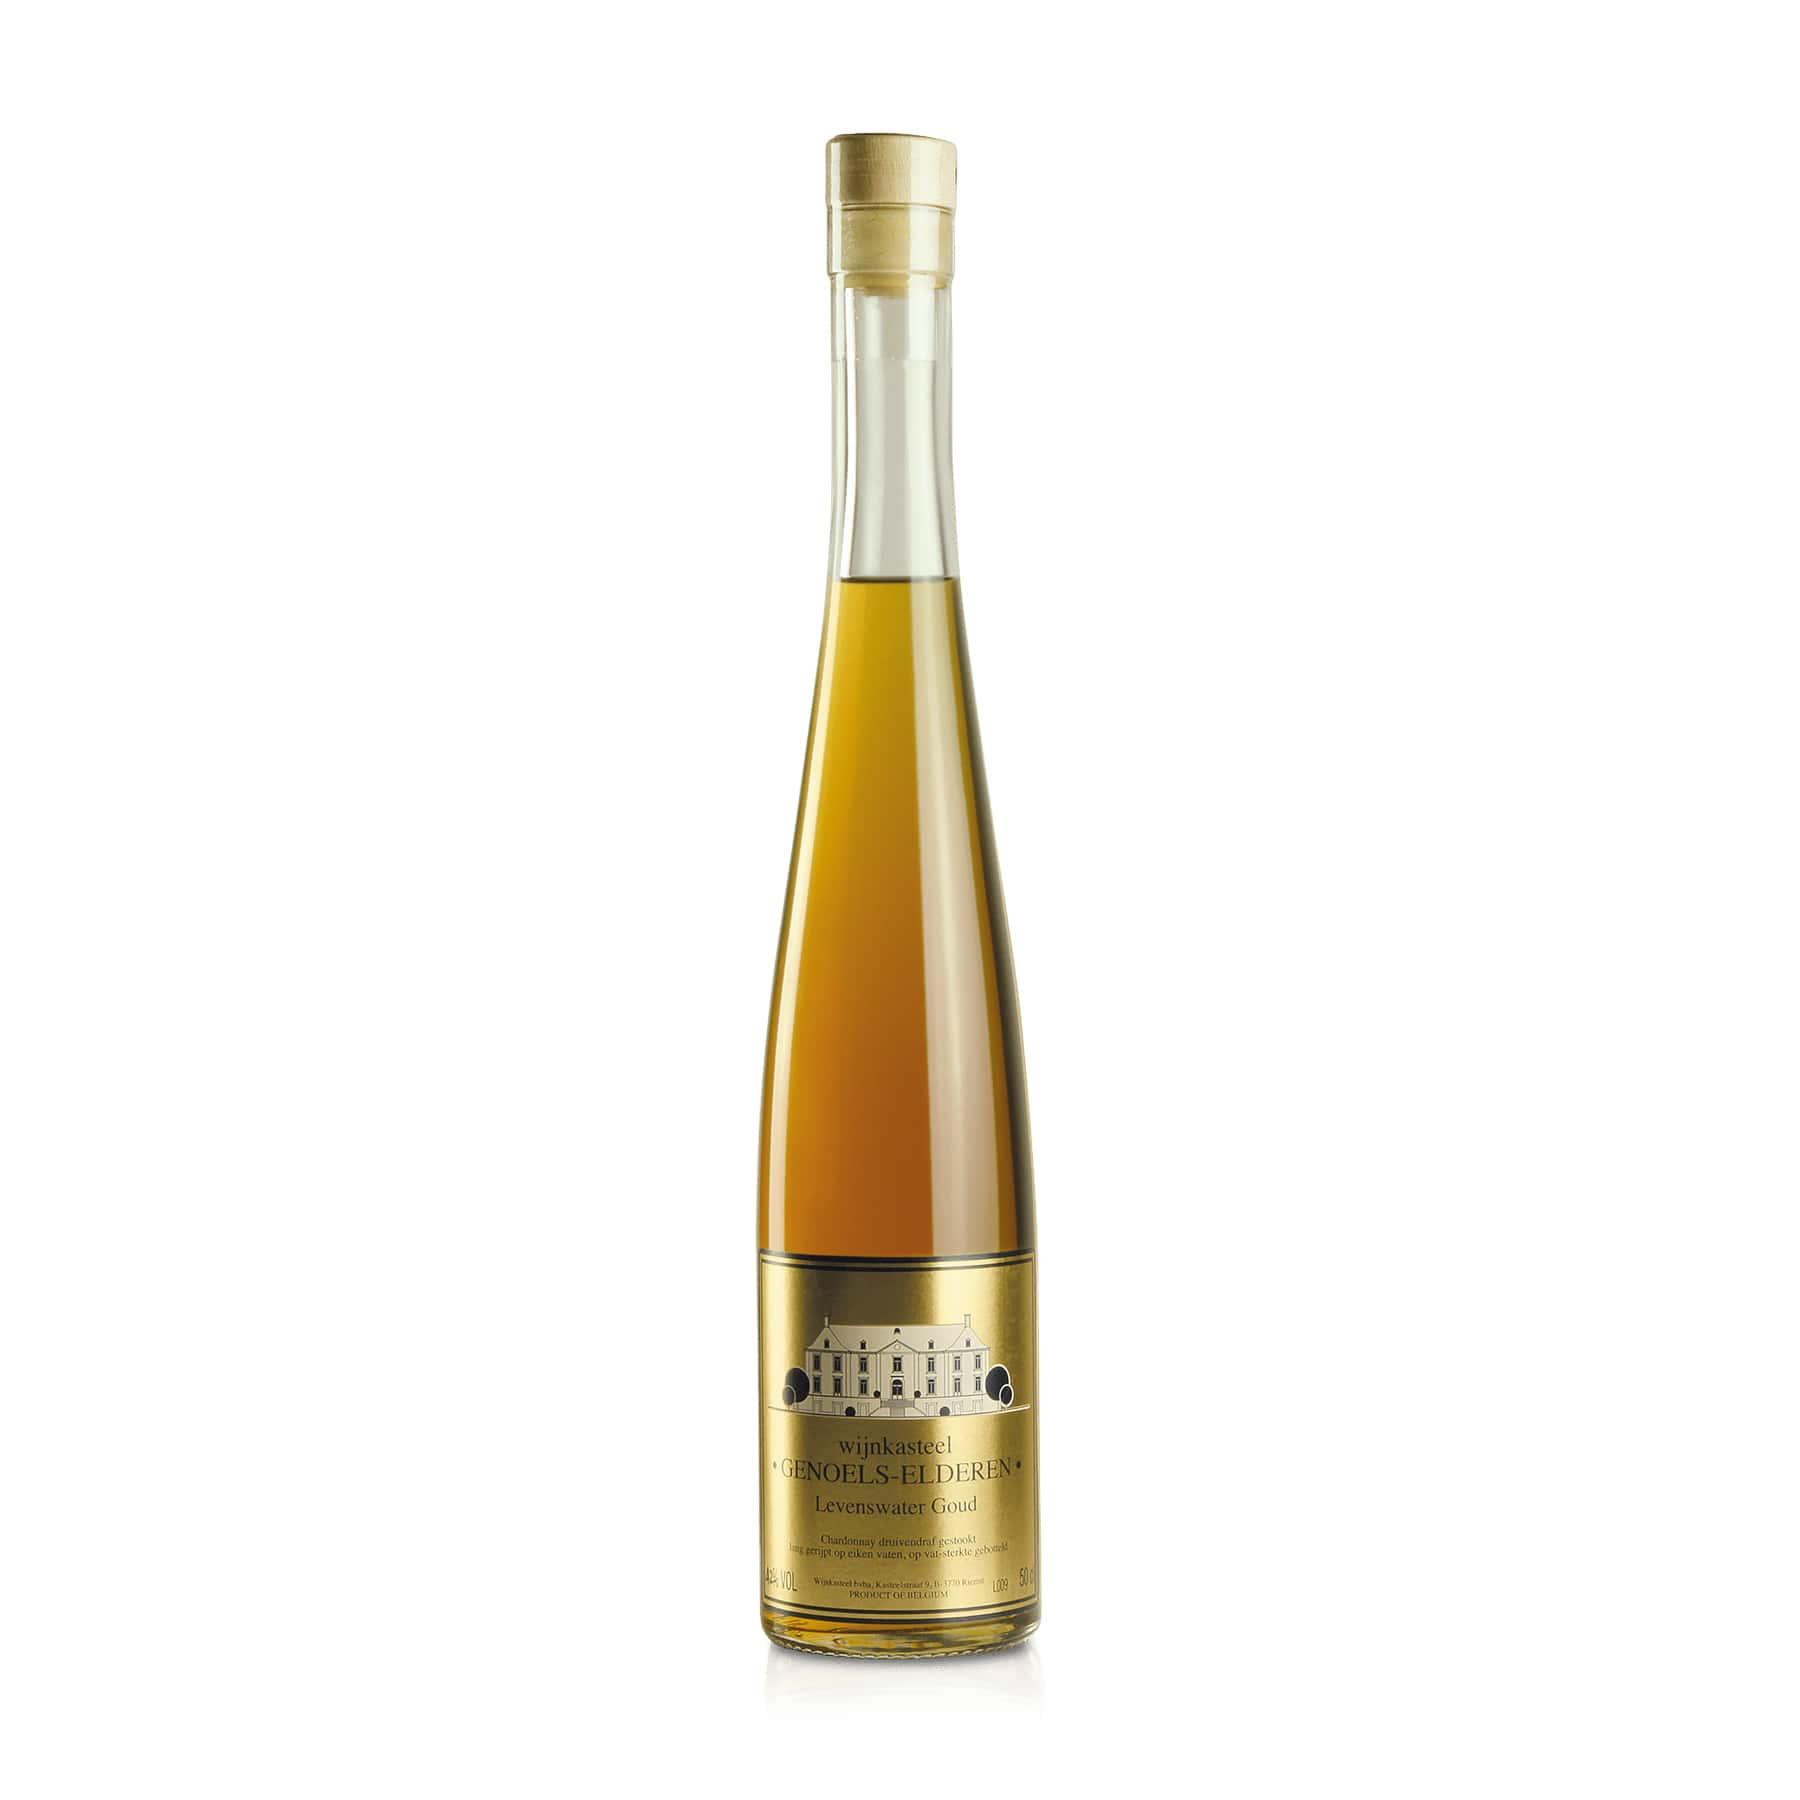 Bottle Water of Life Gold from Limburg Wine Castle Genoels-Elderen